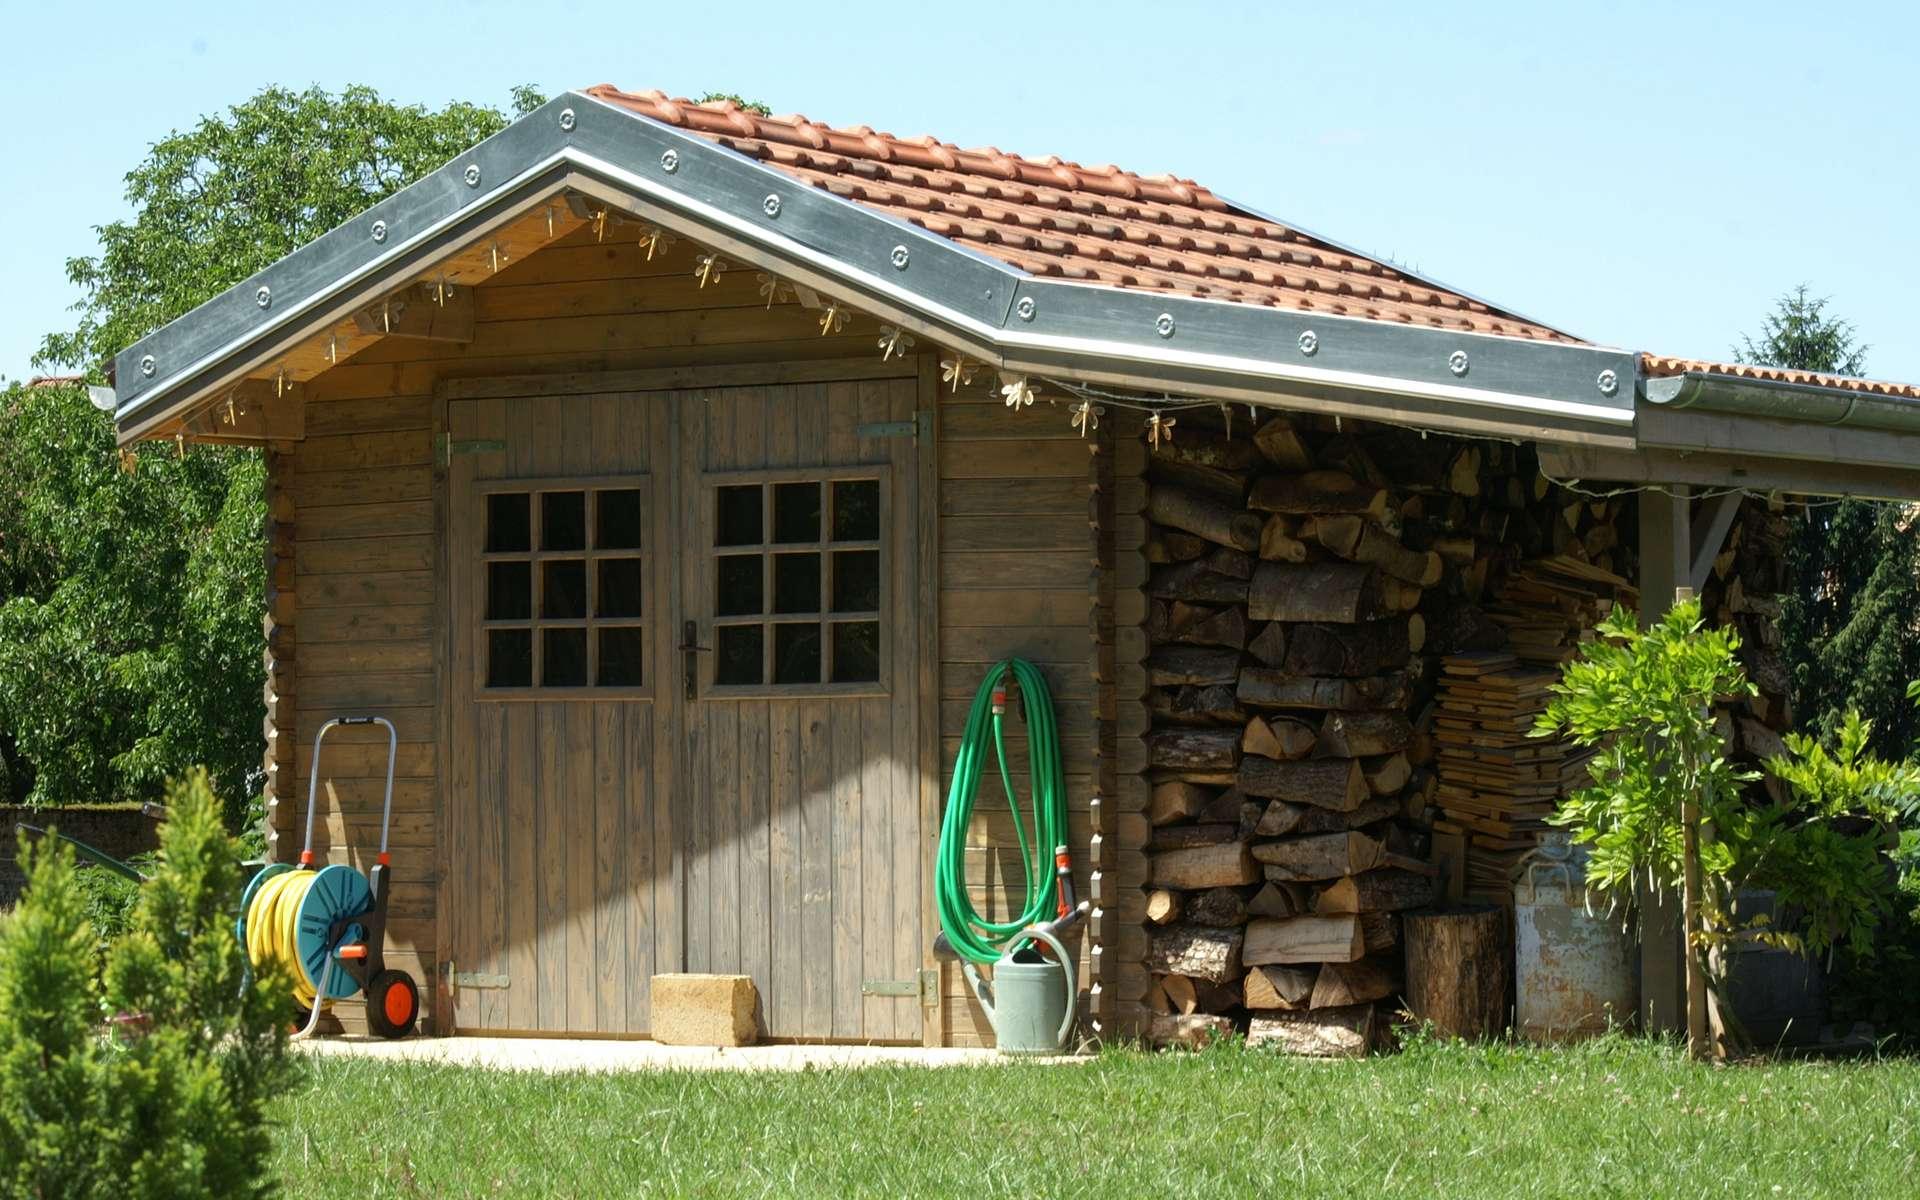 La garantie décennale couvre tout type de construction. © Sarmat, Adobe Stock